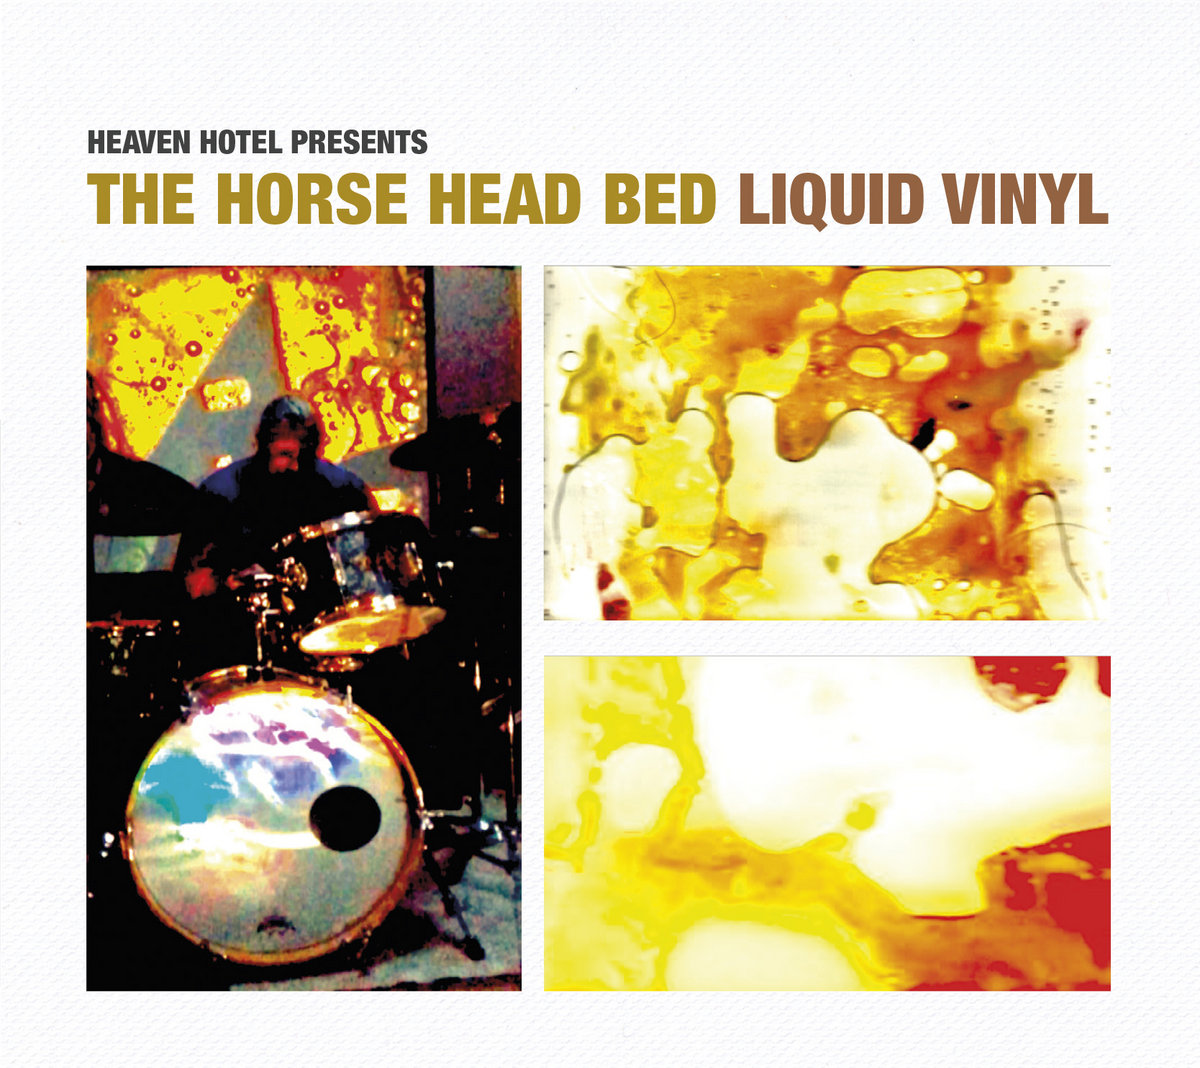 The Horse Head Bed - Liquid Vinyl